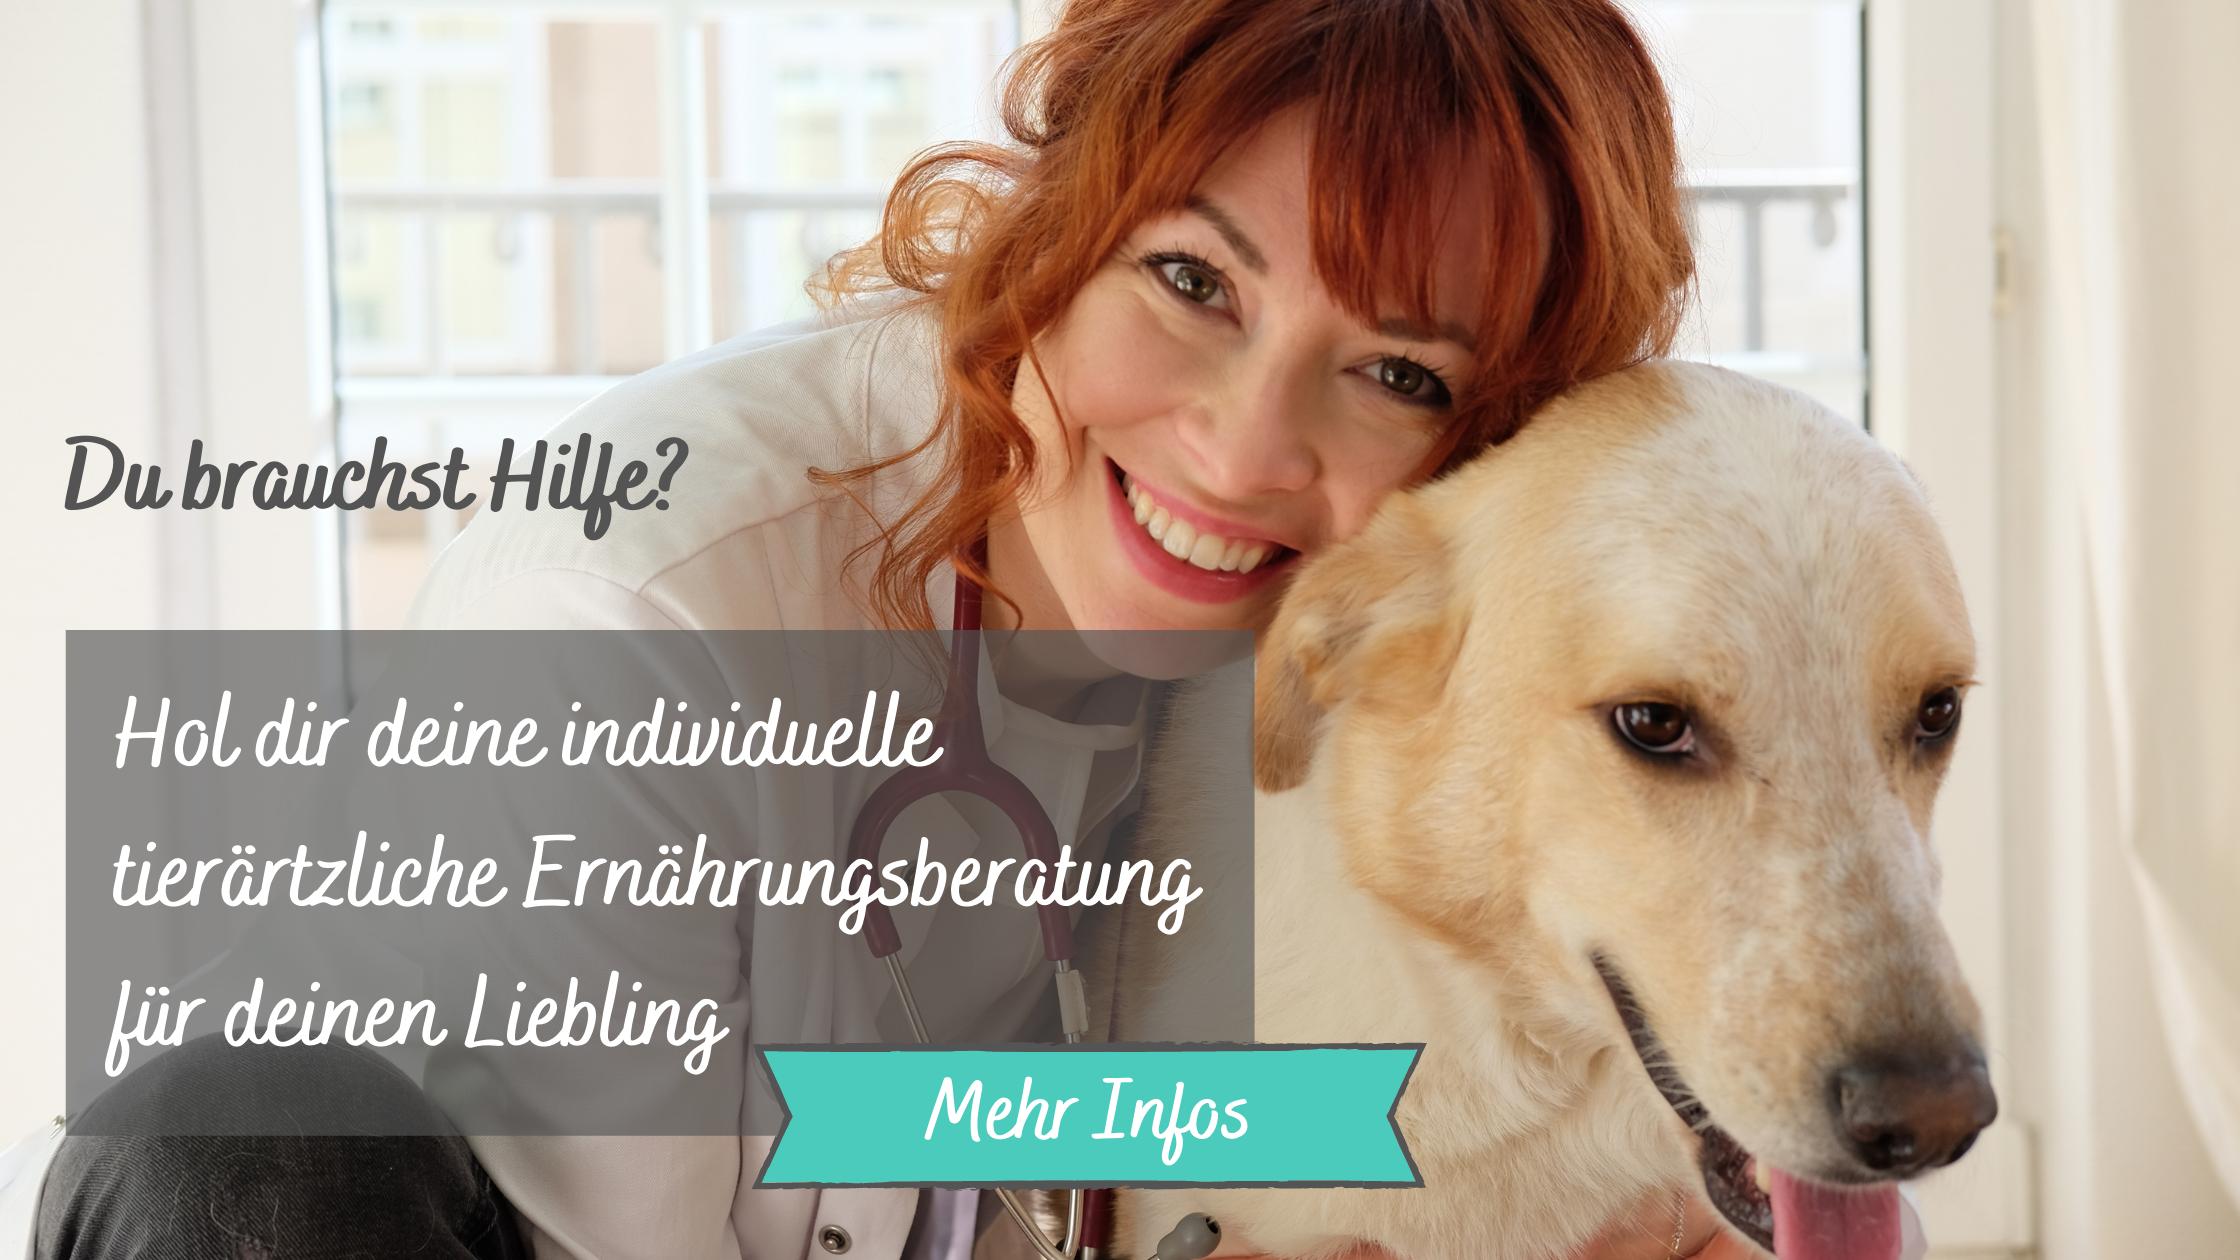 Deine-tierärztliche-Ernährungsberatung-für-deinen-Hund